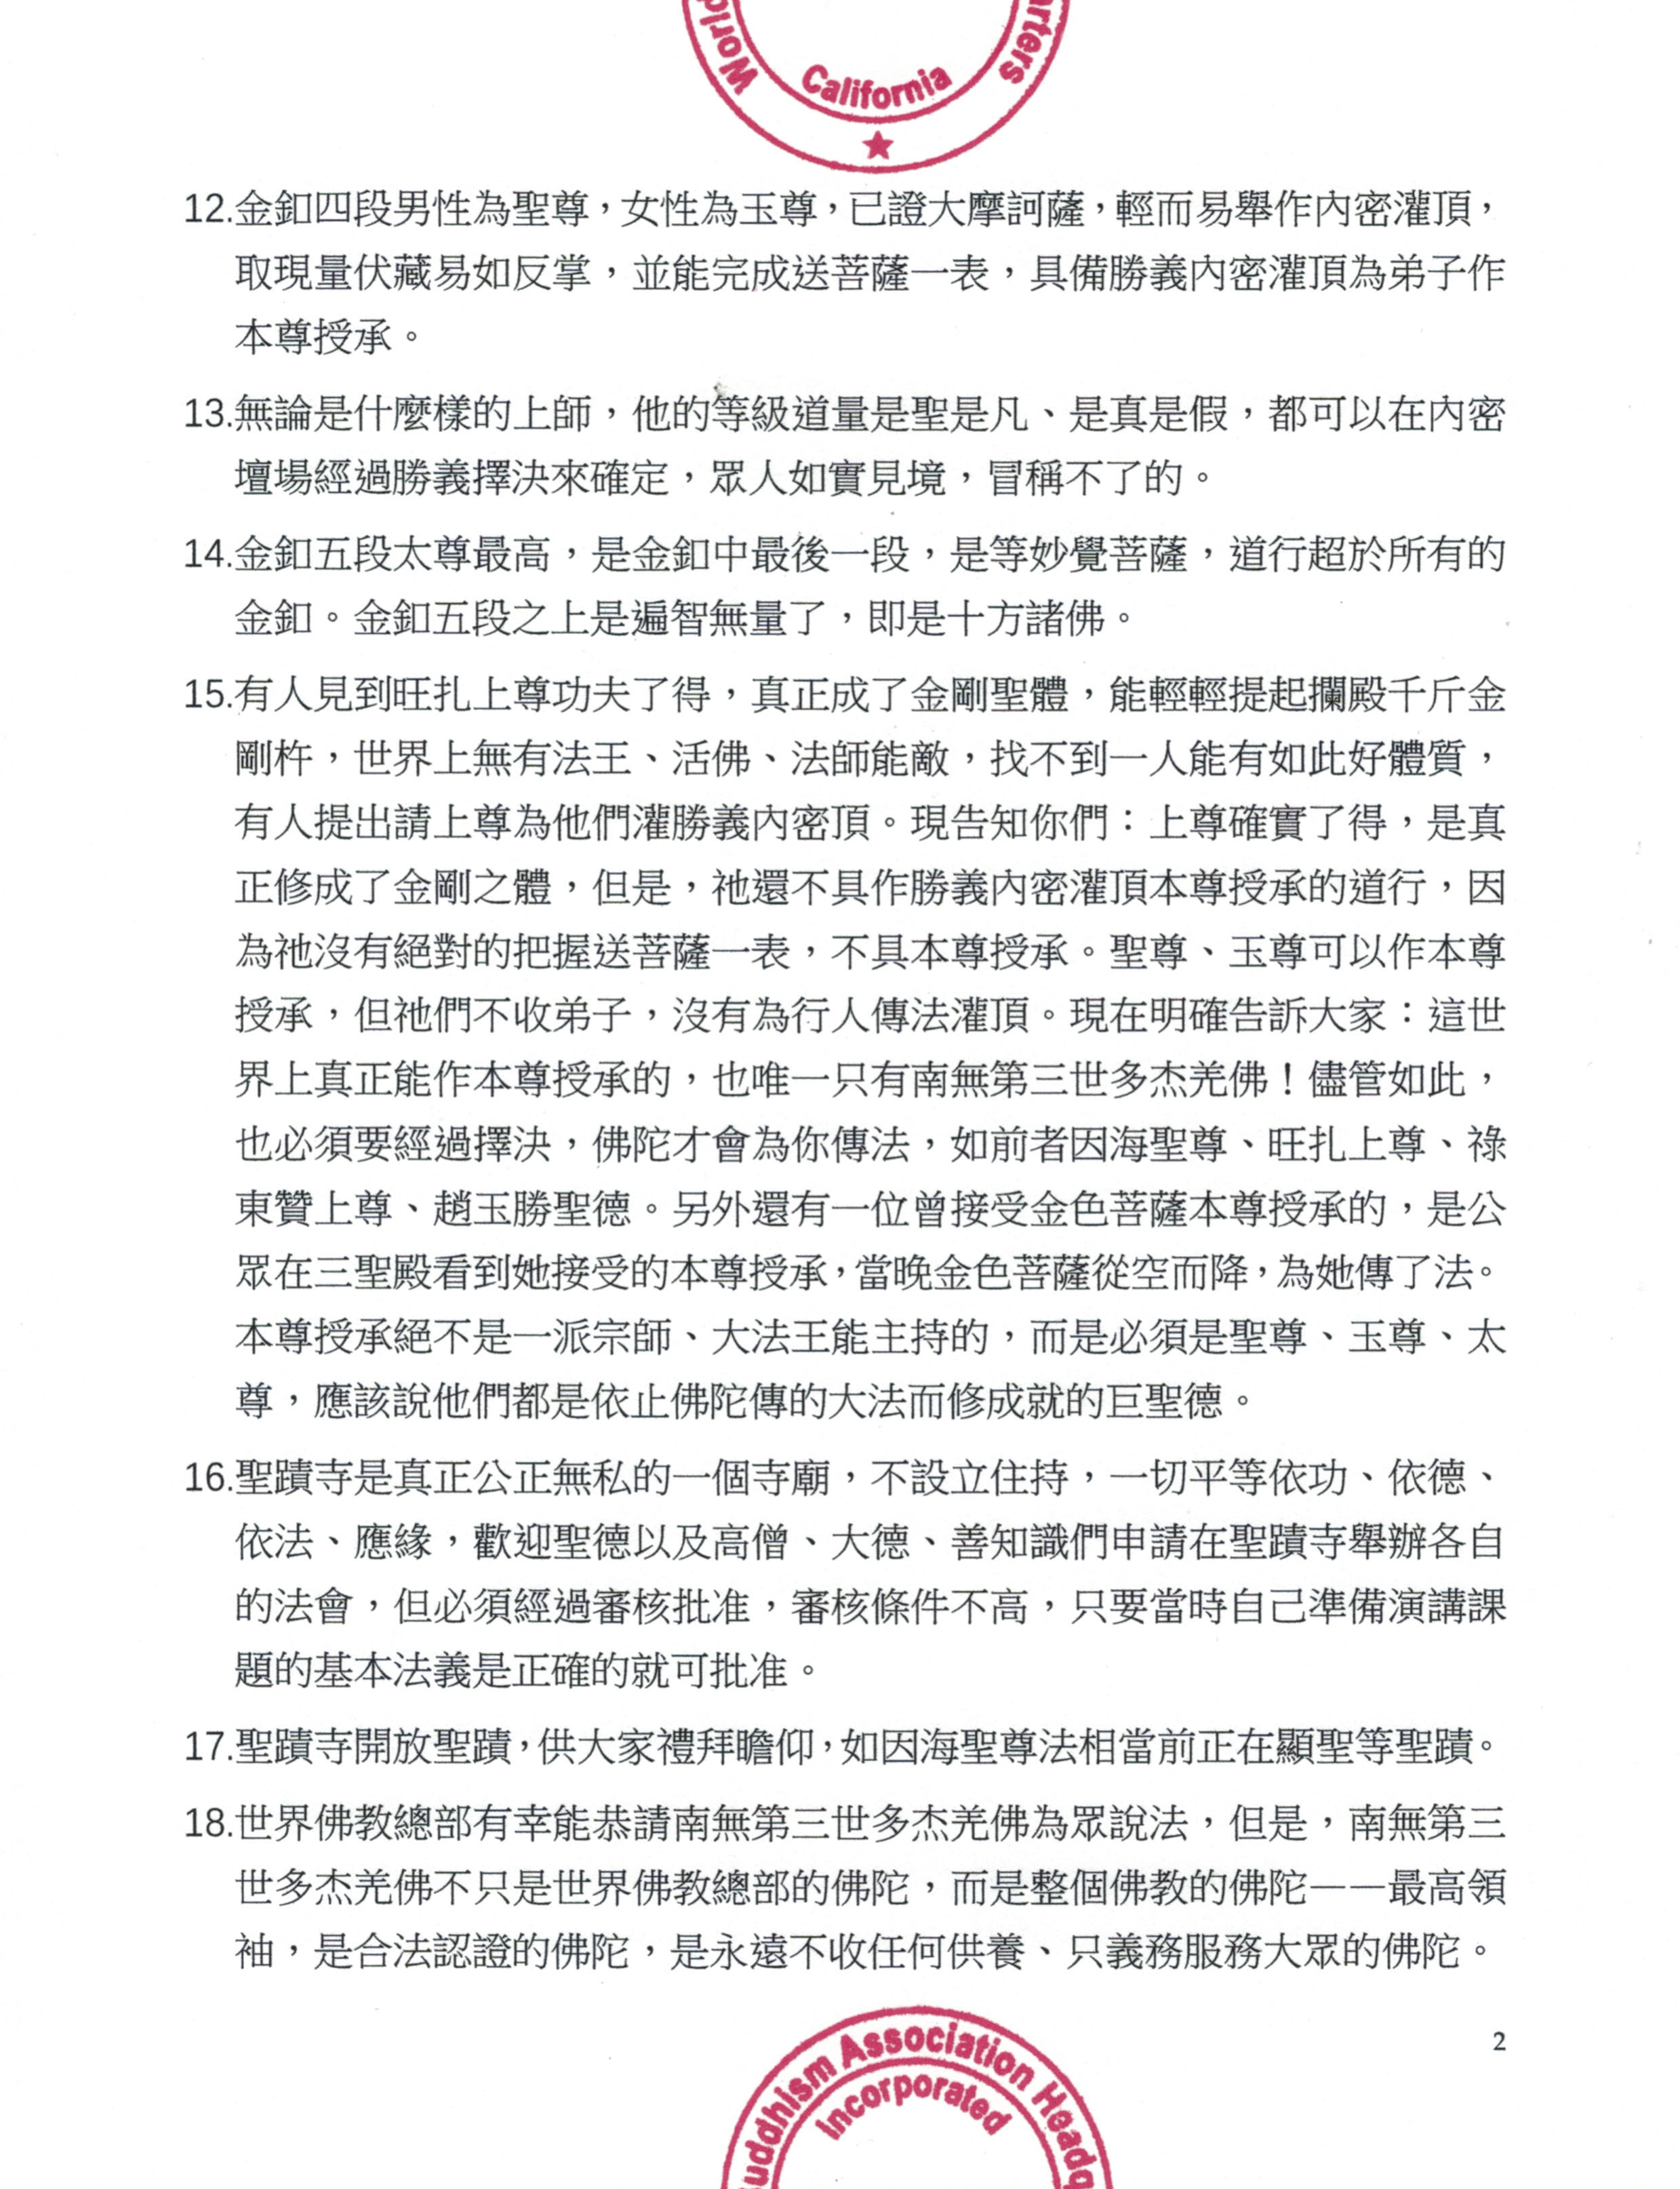 世界佛教總部重要嚴肅公告(公告字第20190105號)